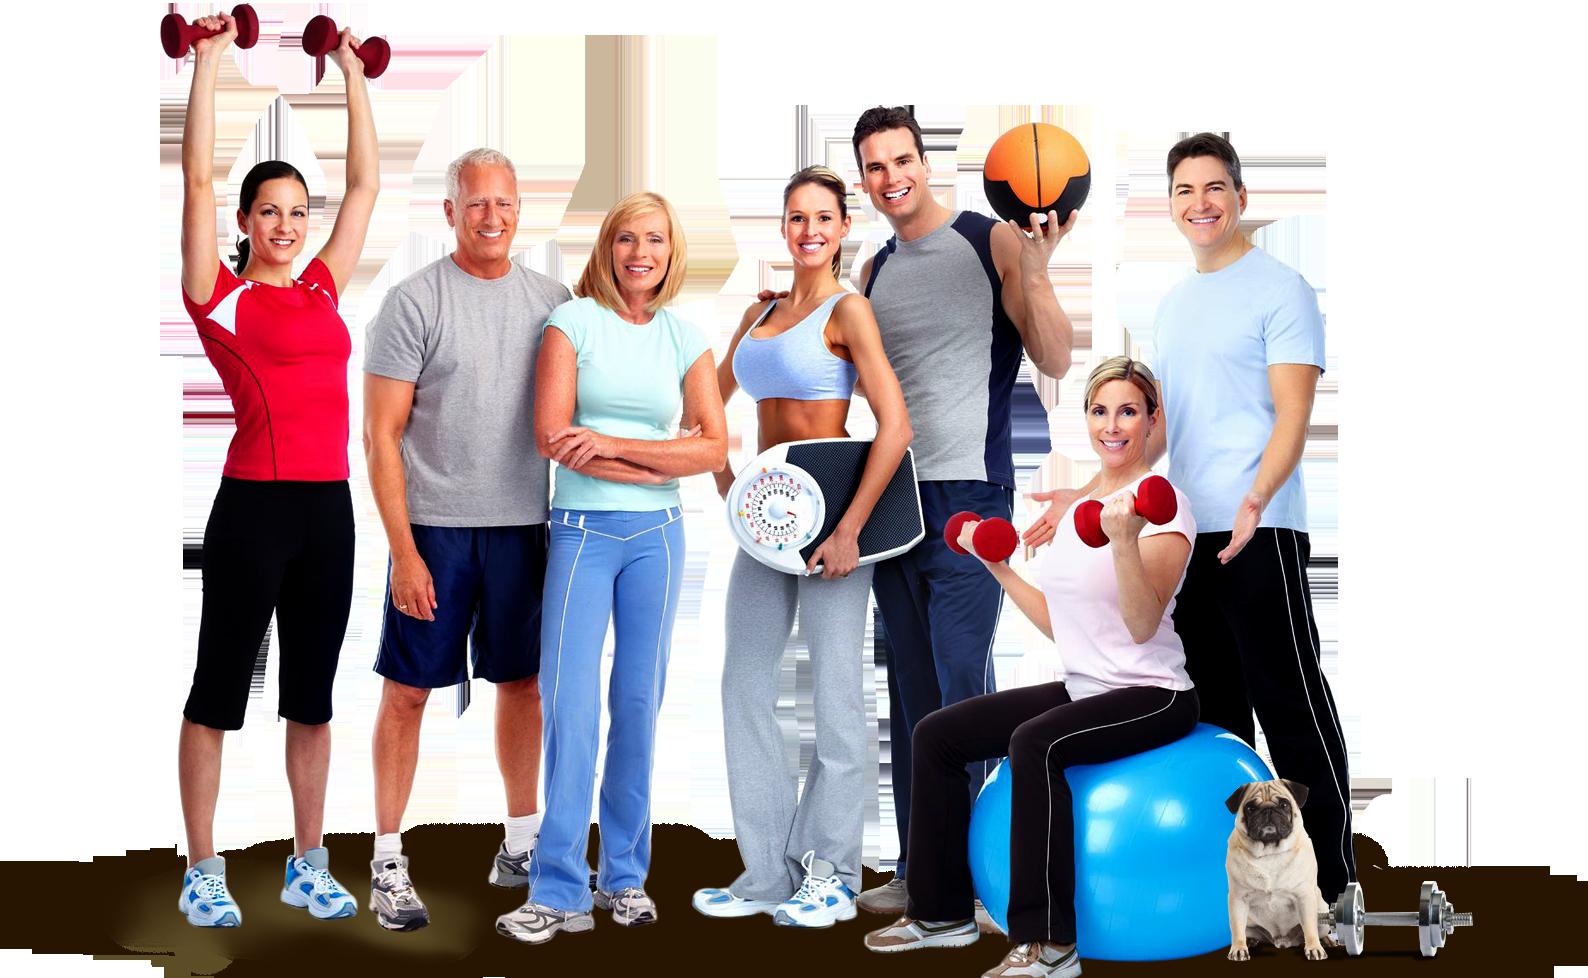 организаций картинка физкультурный работник расчитанна атлета среднего